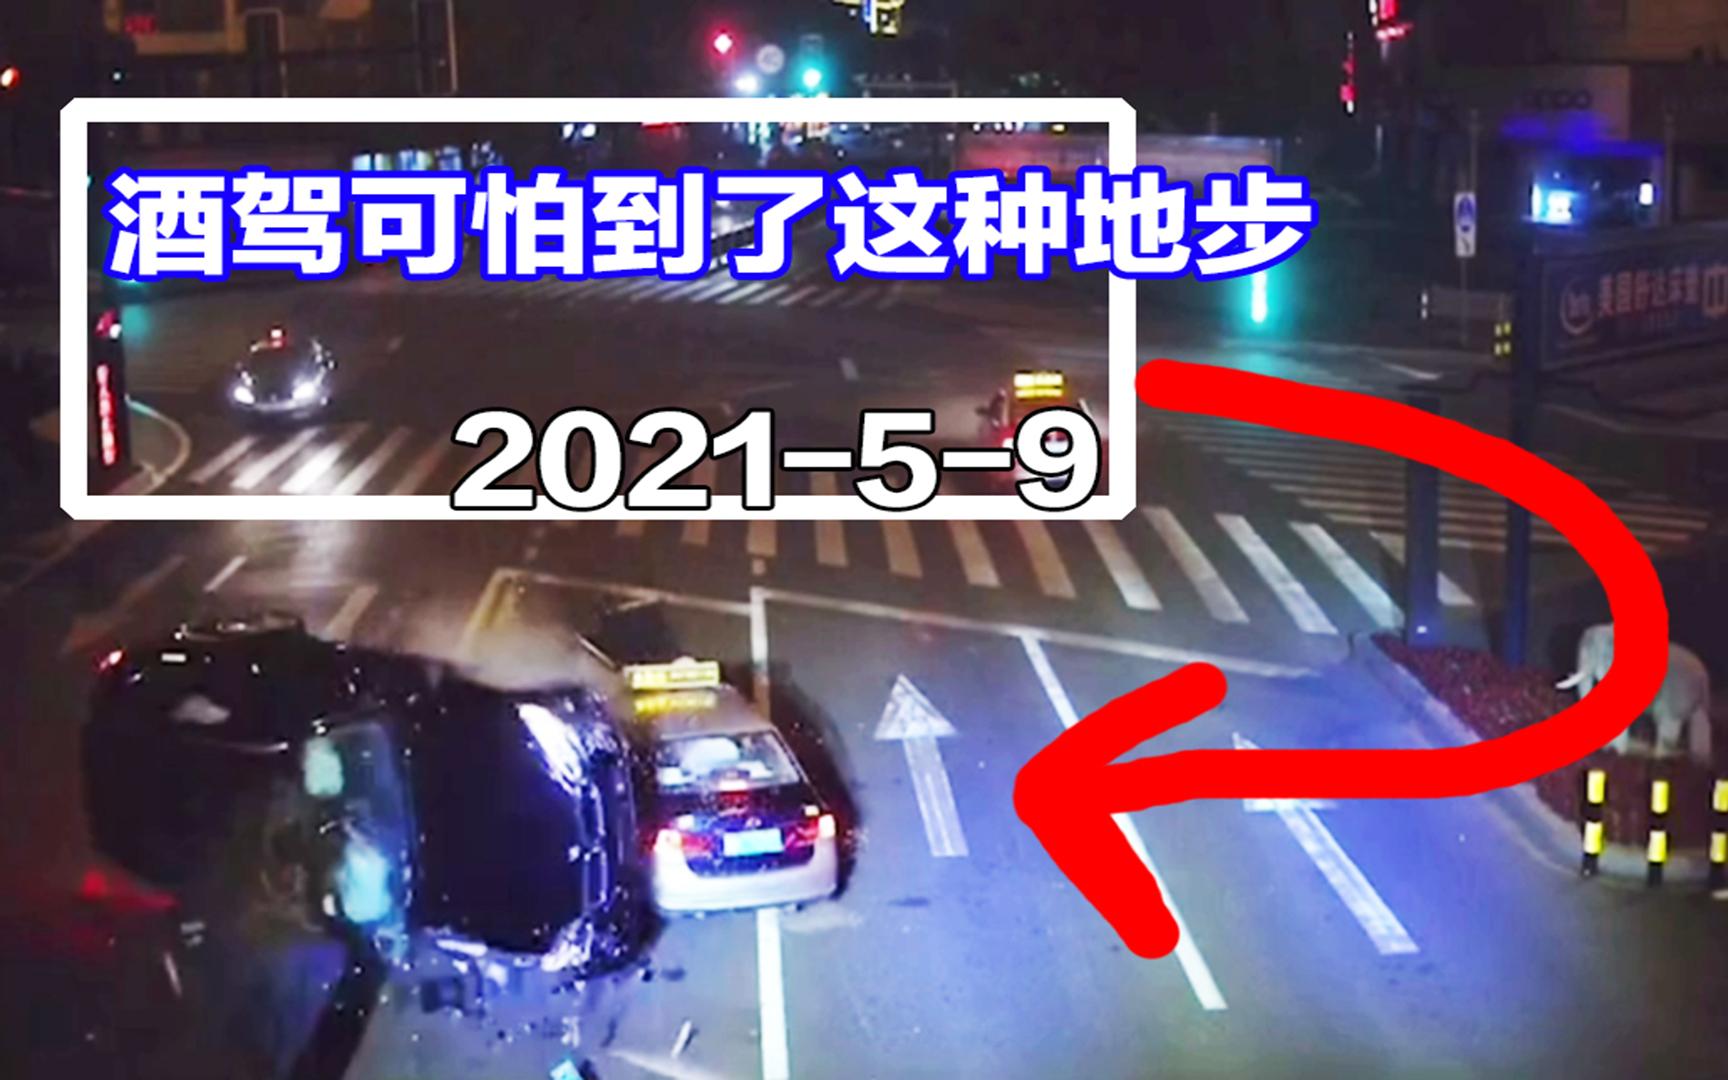 后座朋友下车抢座,驾驶员酒驾不下车,拖倒朋友撞毁车